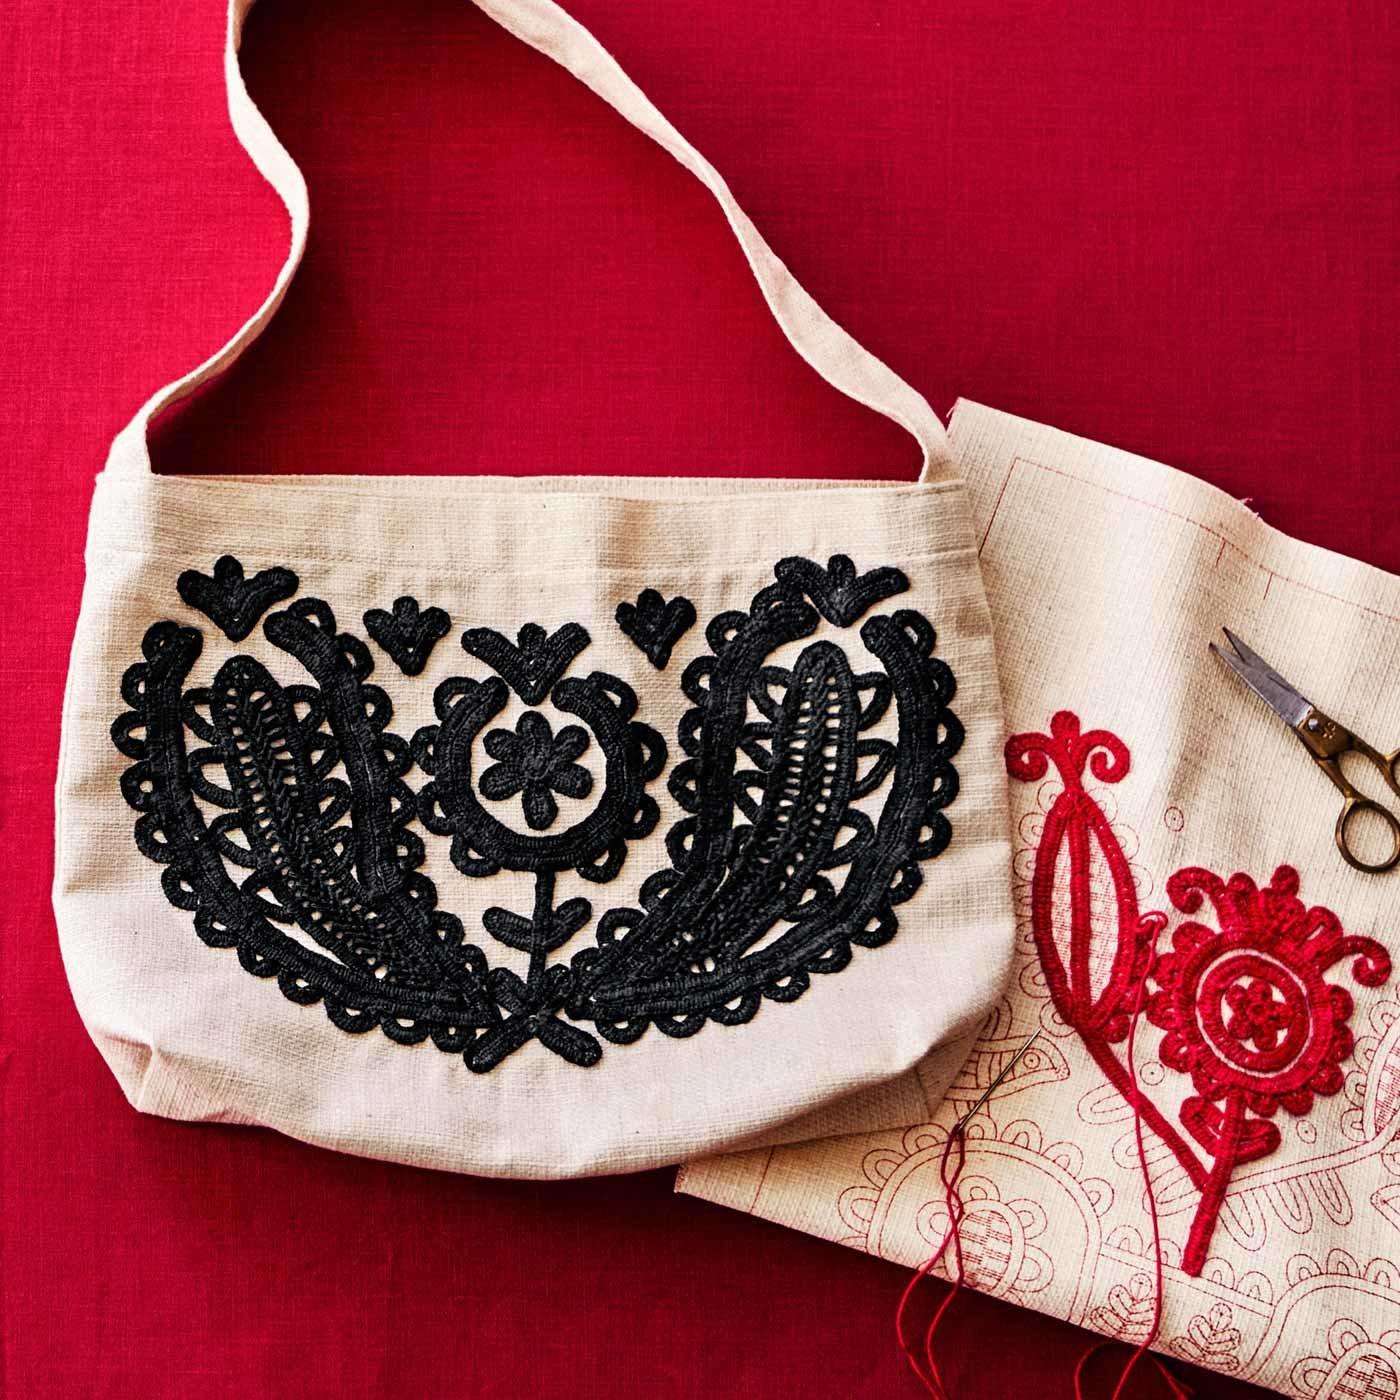 トランシルヴァニアからの贈りもの イーラーショシュのバッグ